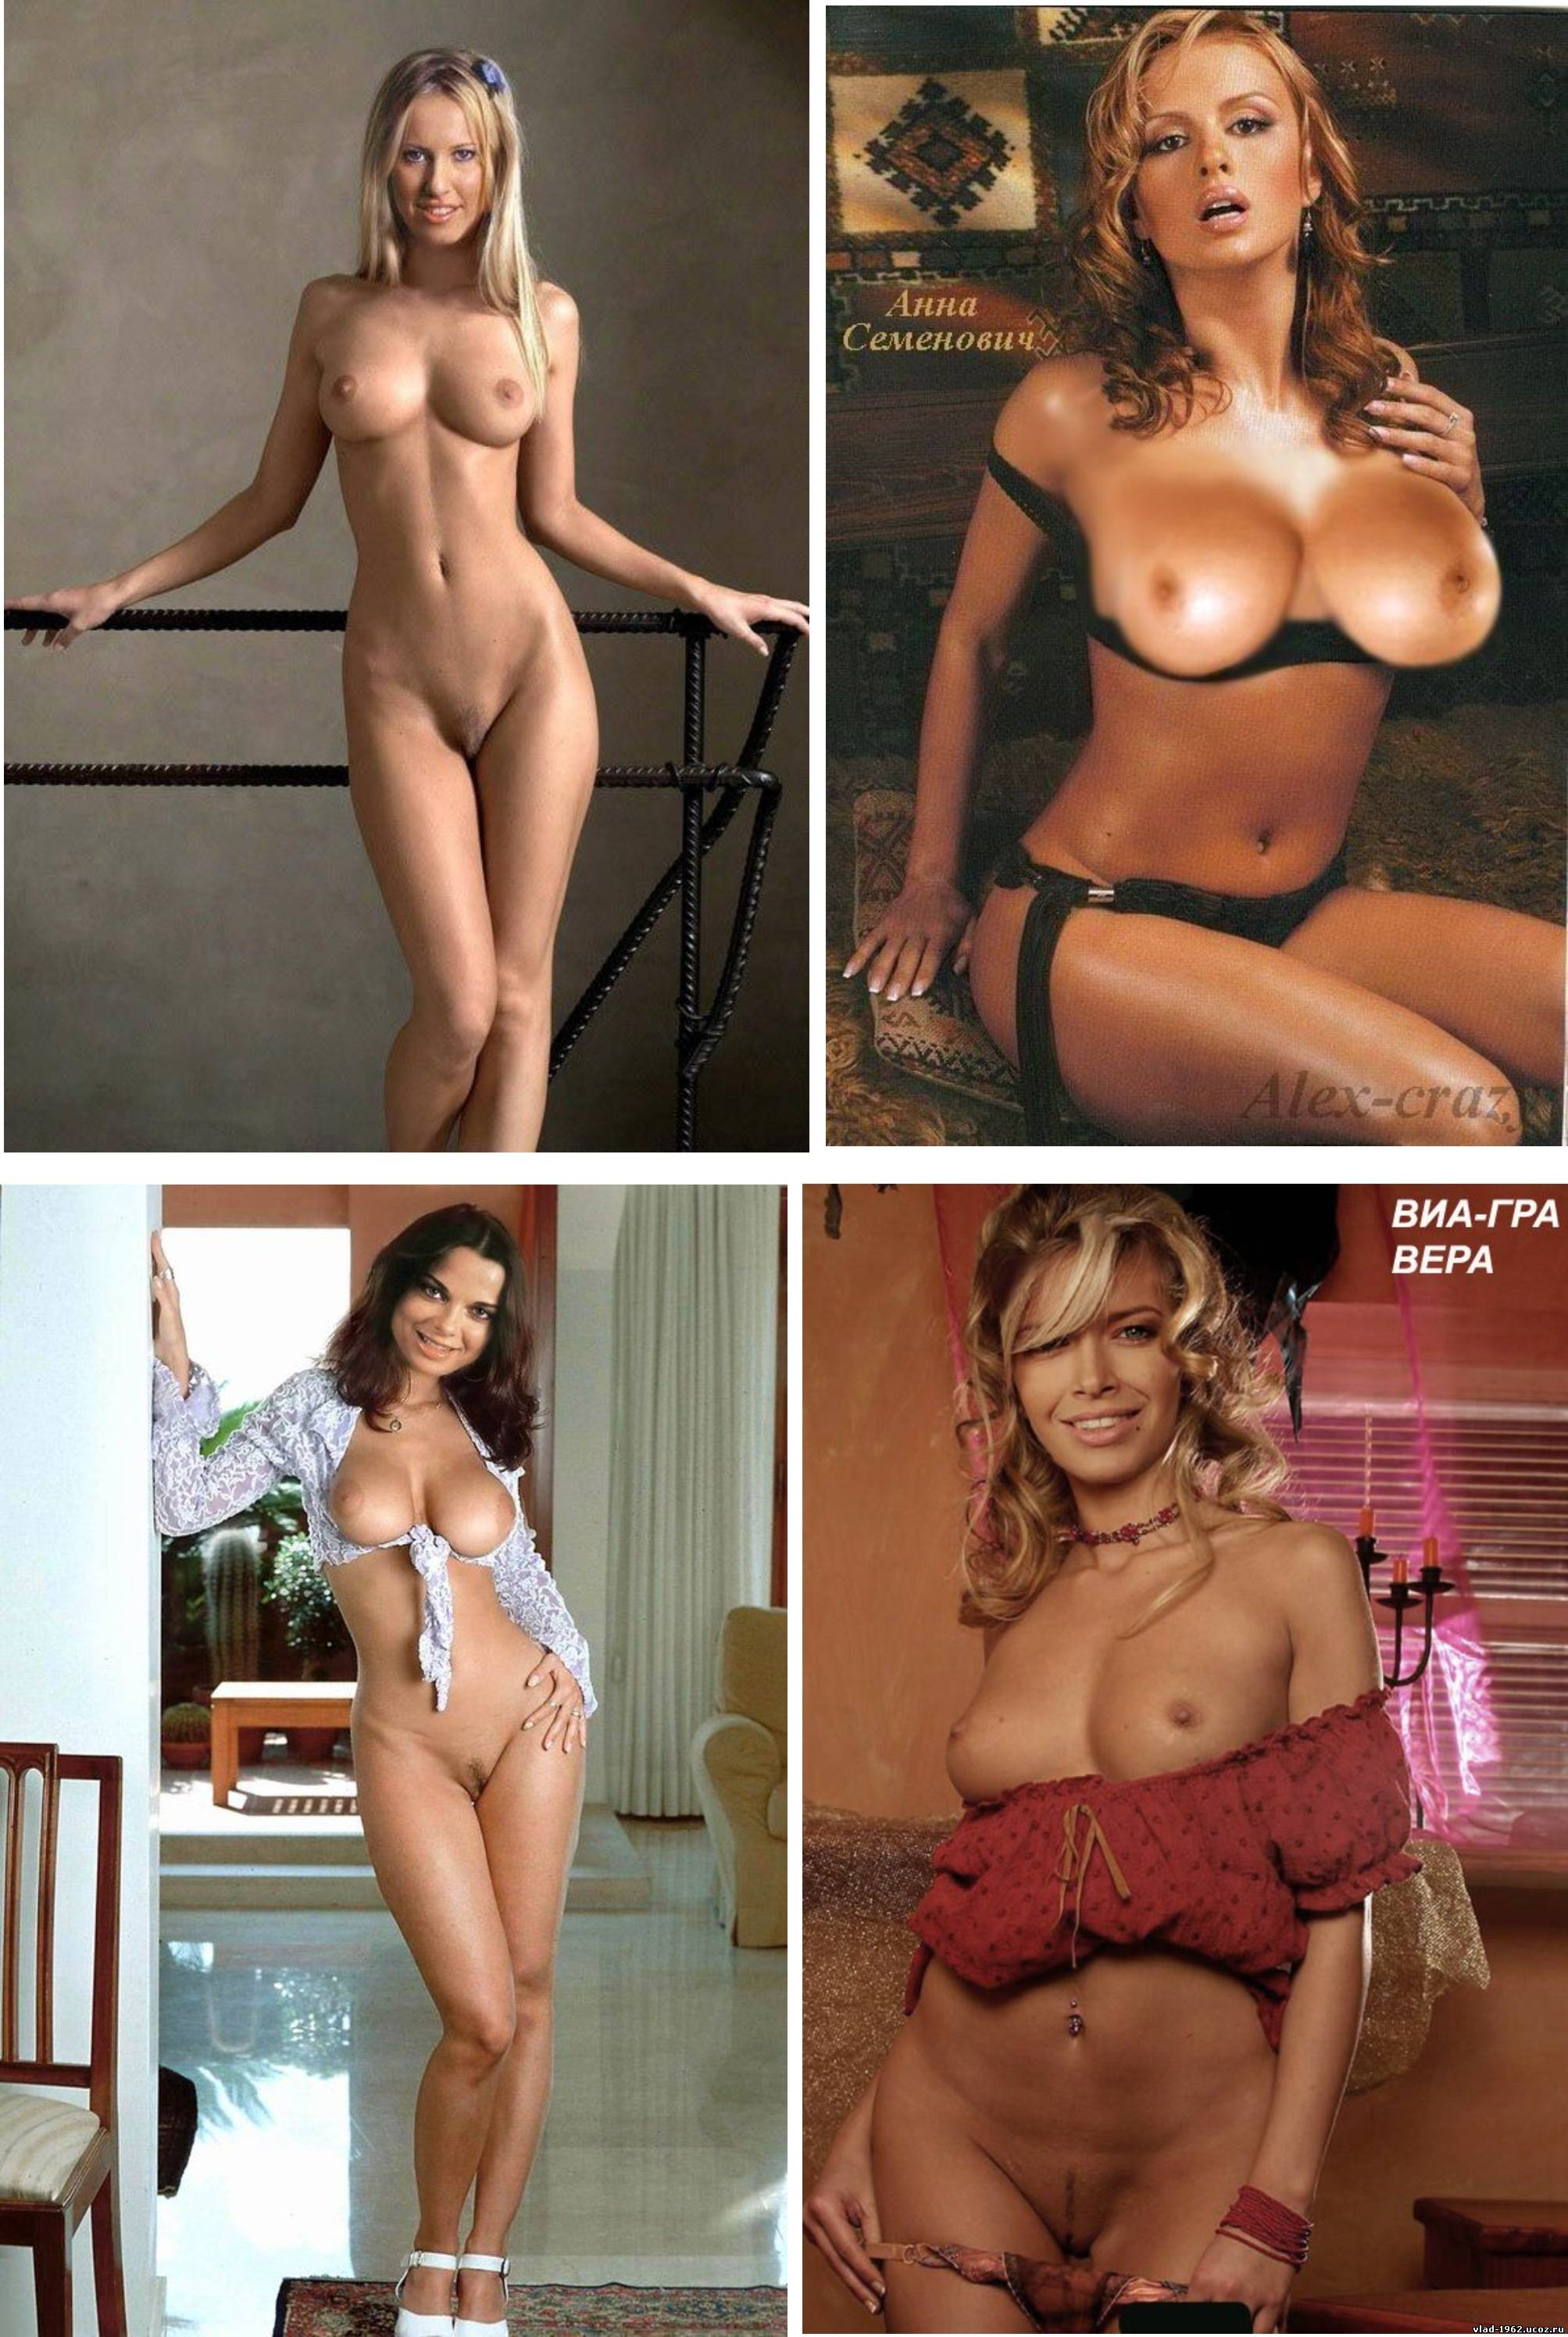 Фото и видео эротика российских спротсменок и актрис